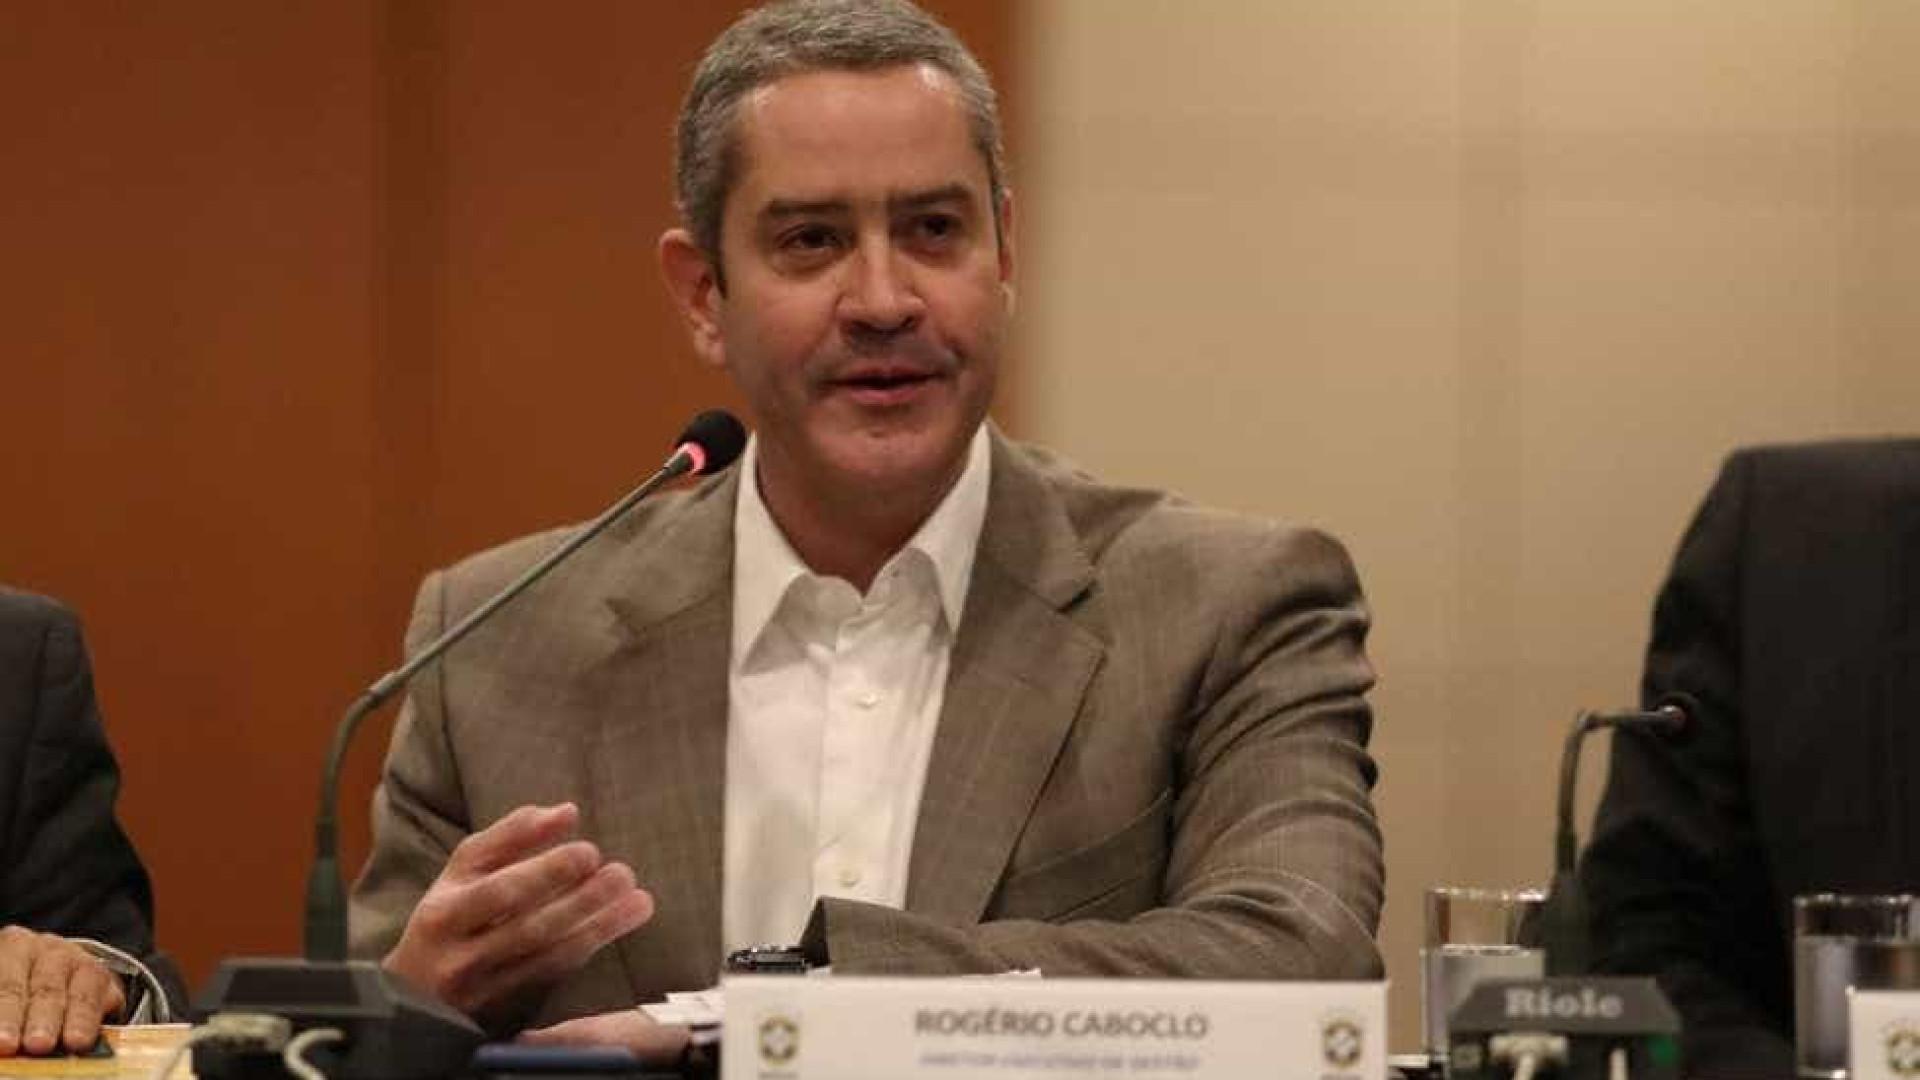 Justiça do Trabalho afasta Rogério Caboclo da CBF por 1 ano